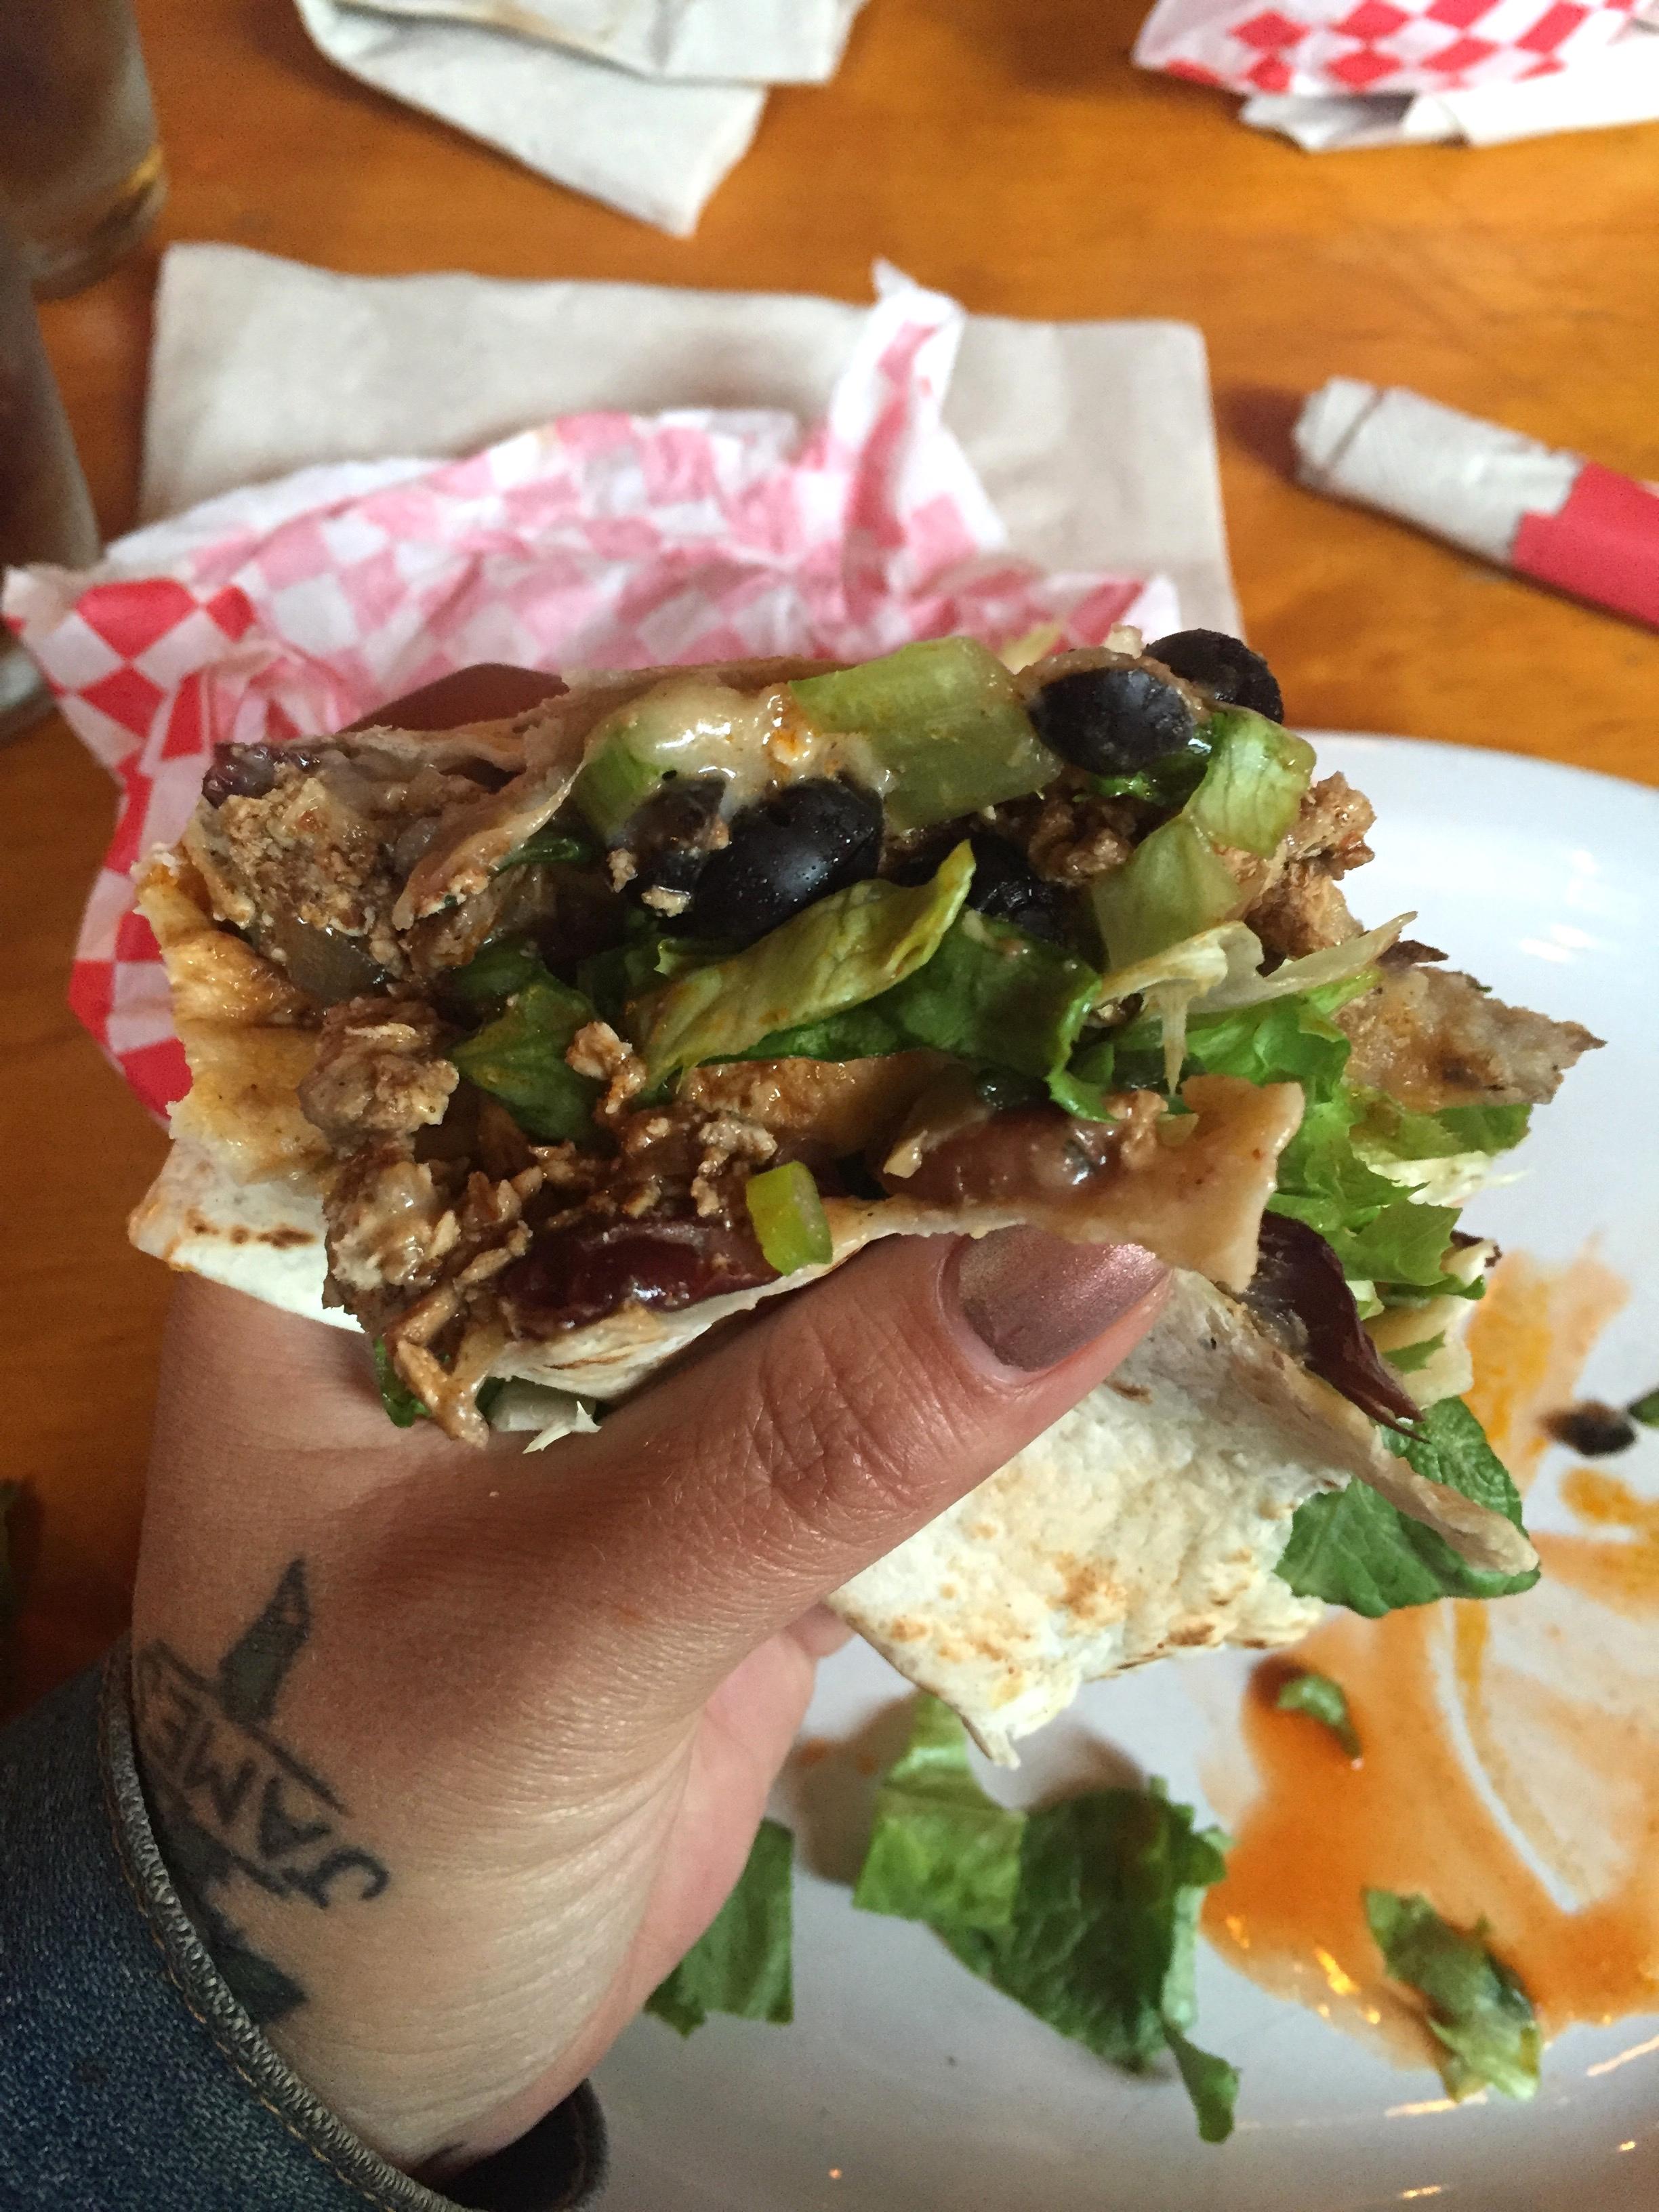 Half eaten down home burrito